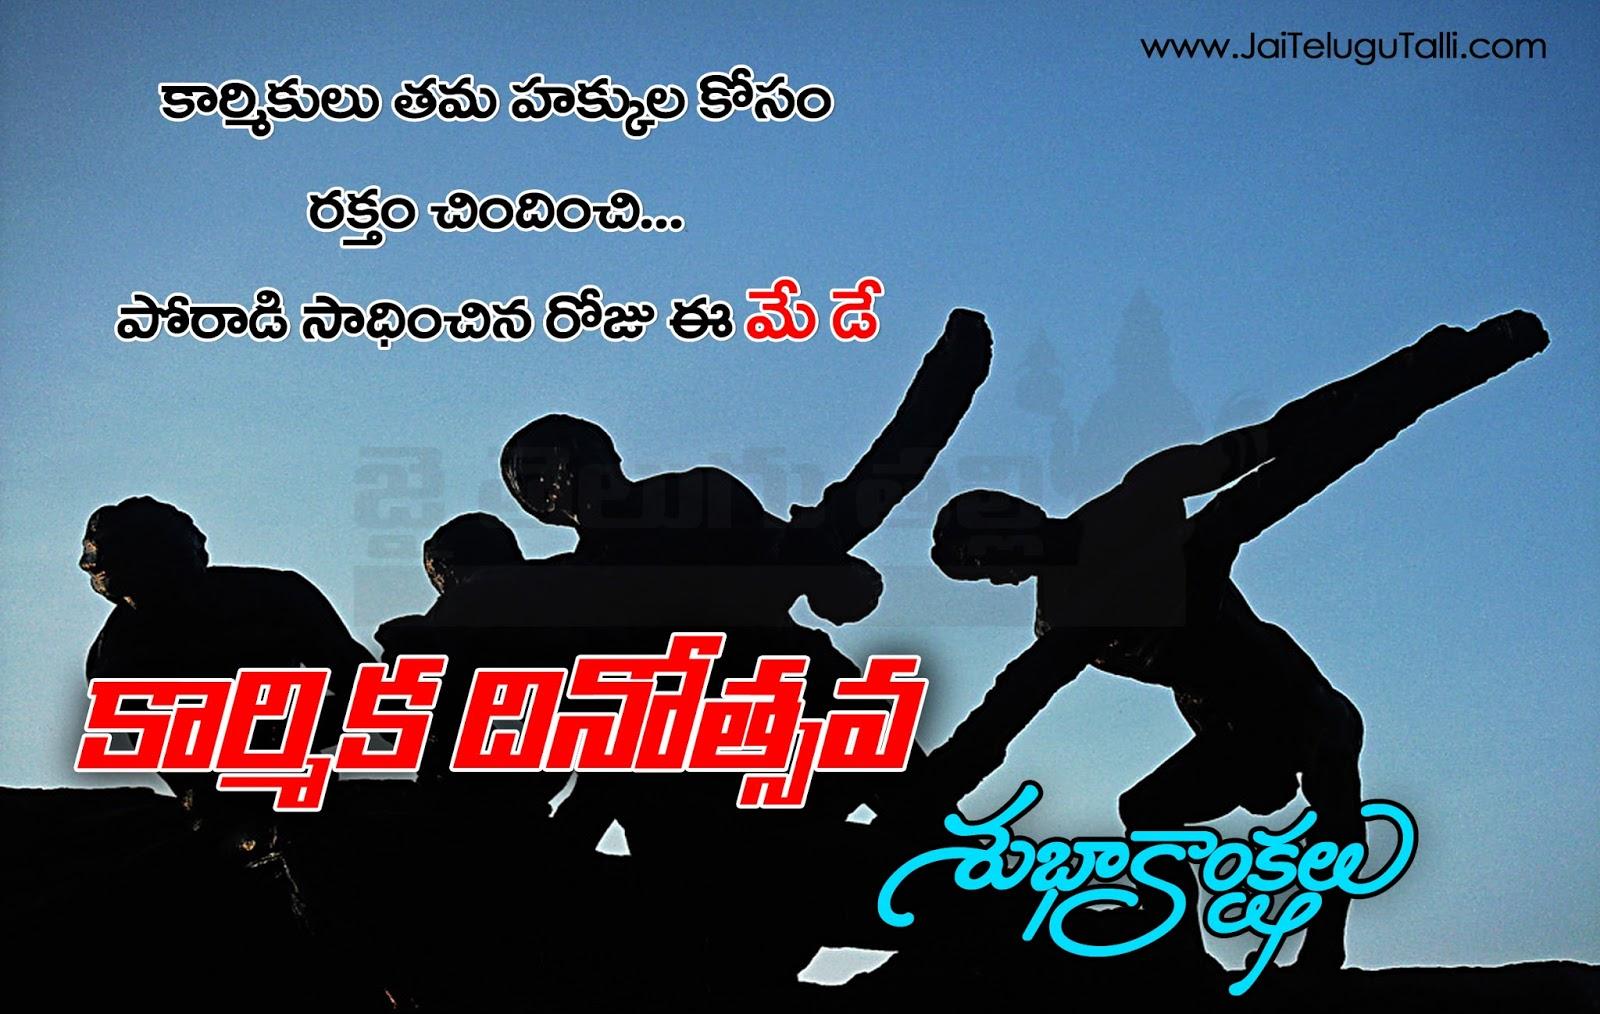 Best May Day Telugu Quotes And Wishes 2016 Wwwjaitelugutallicom